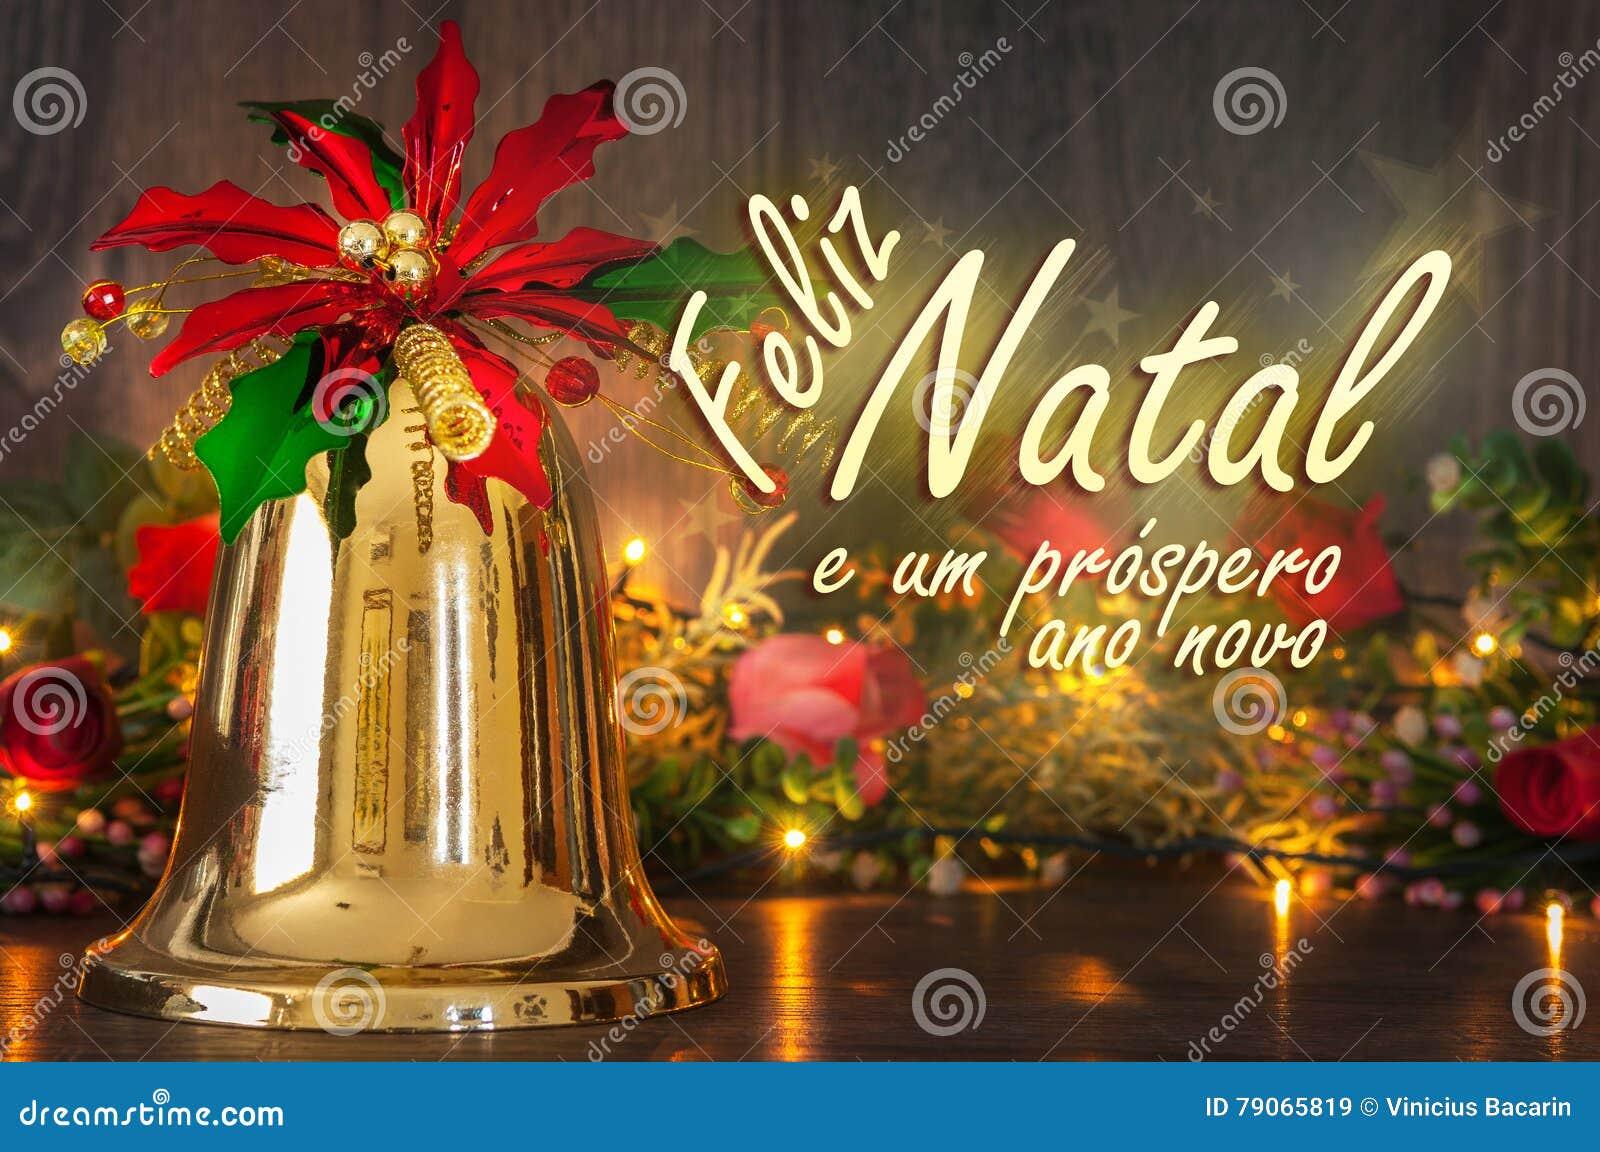 Fröhliche Weihnachtsbotschaft Auf Portugiesisch Bell, Flowes Und ...